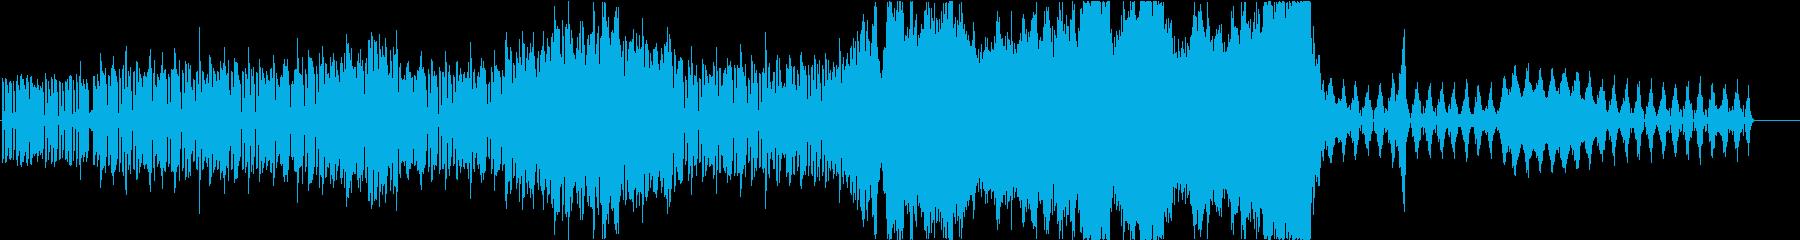 【オーケストラ】シンセループから壮大への再生済みの波形